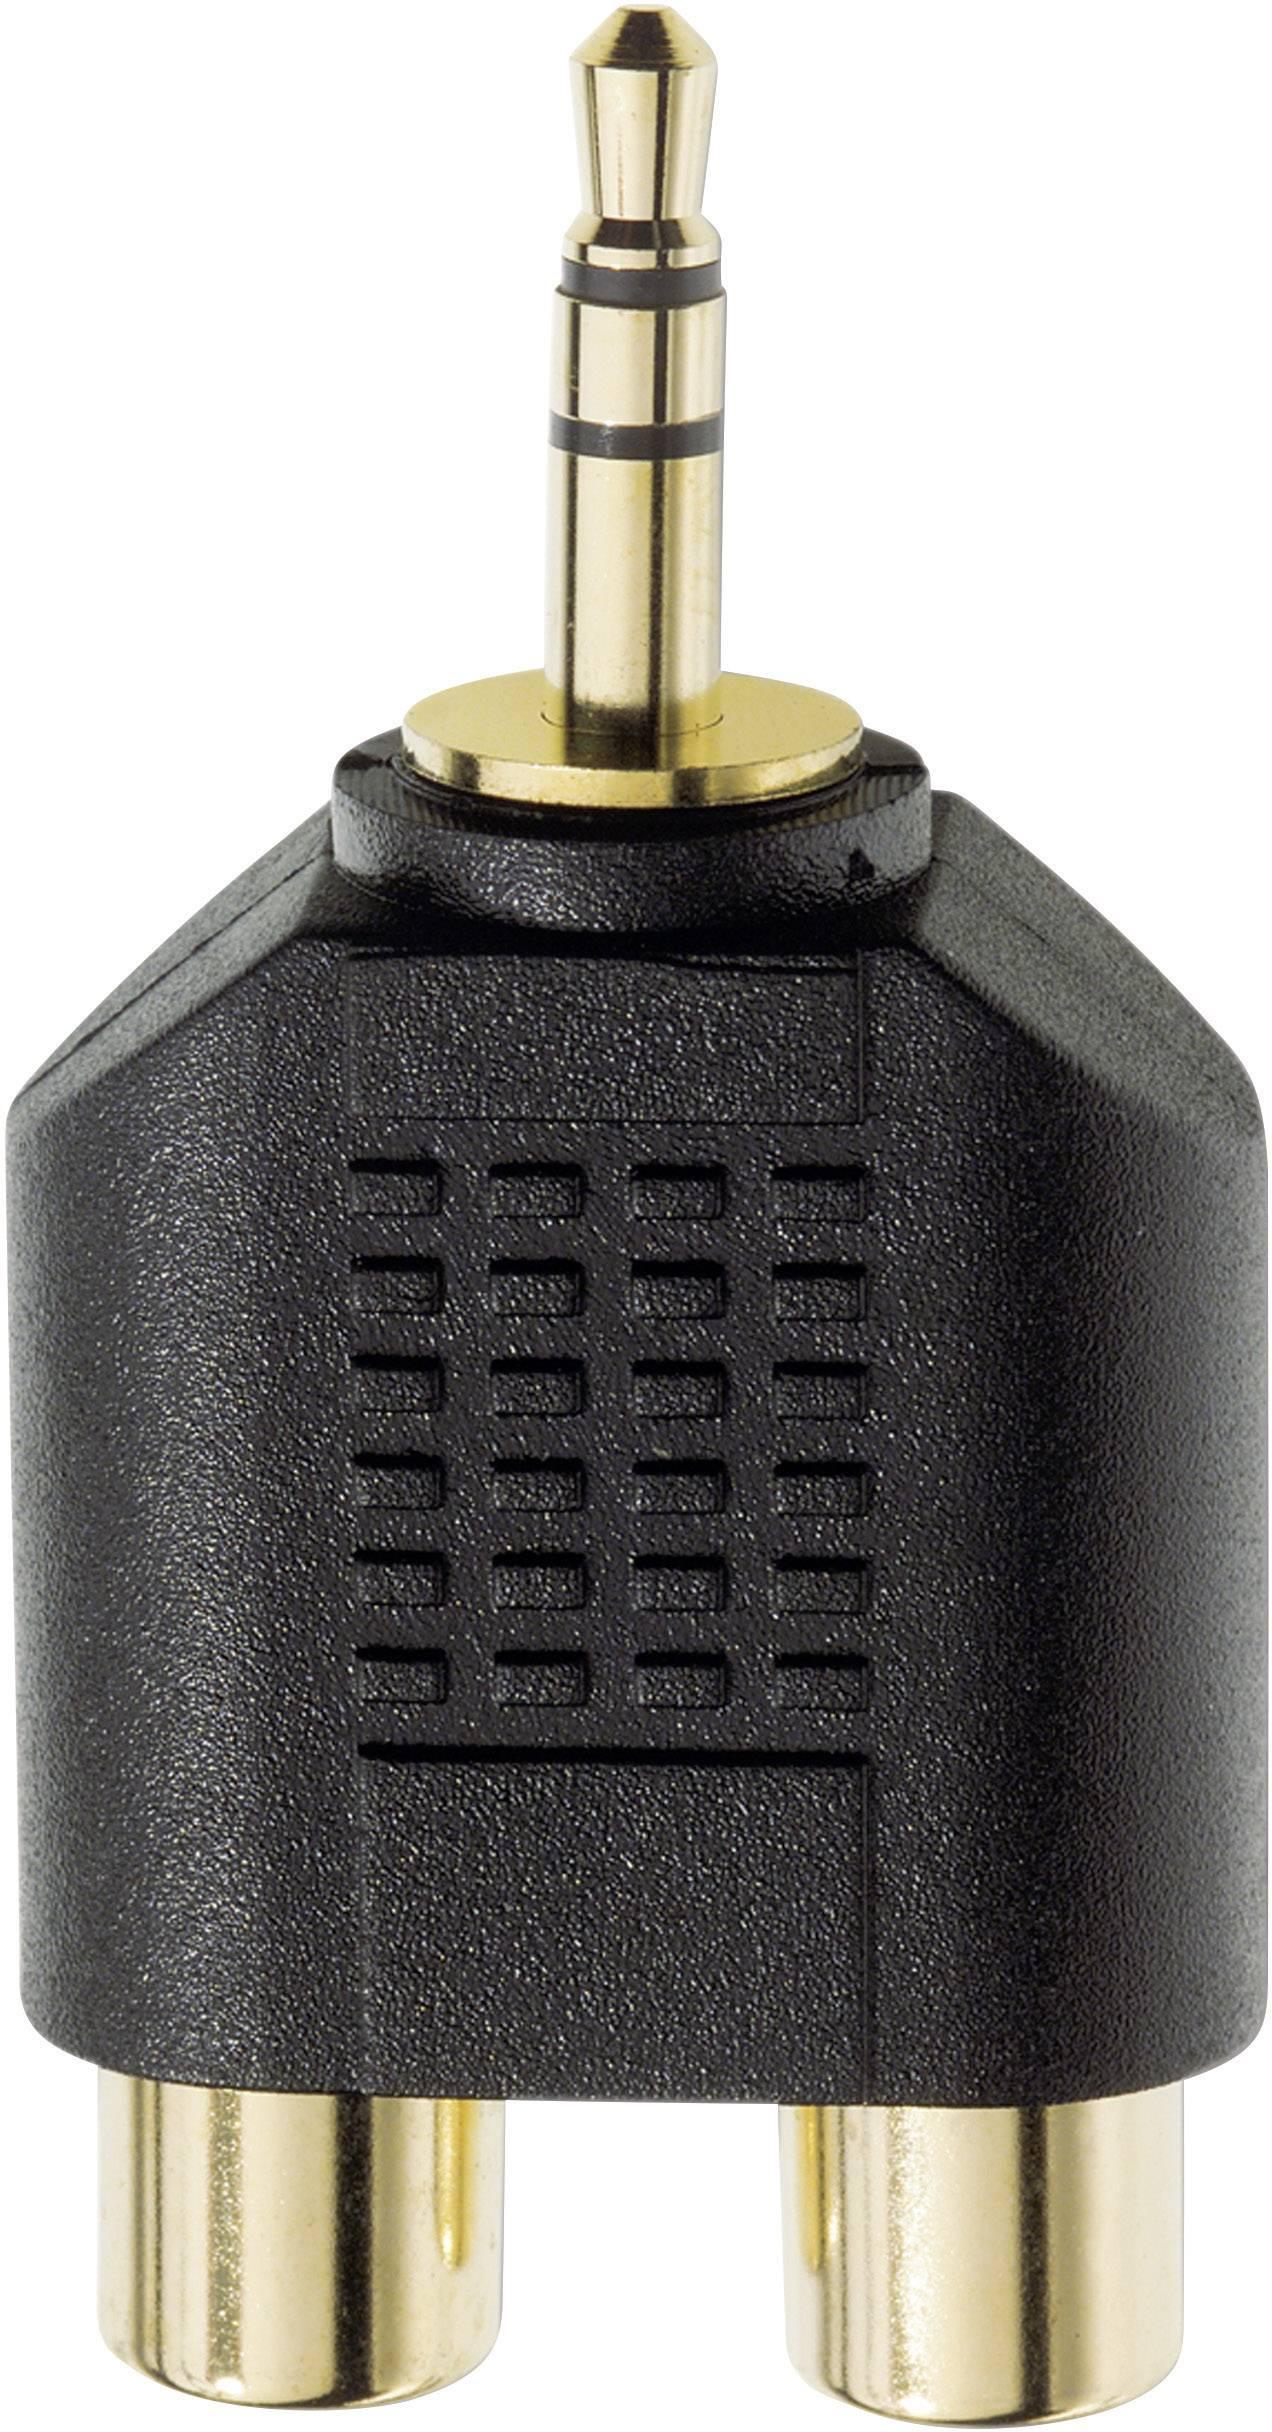 Jack / cinch audio Y adaptér Inakustik 0081381, čierna